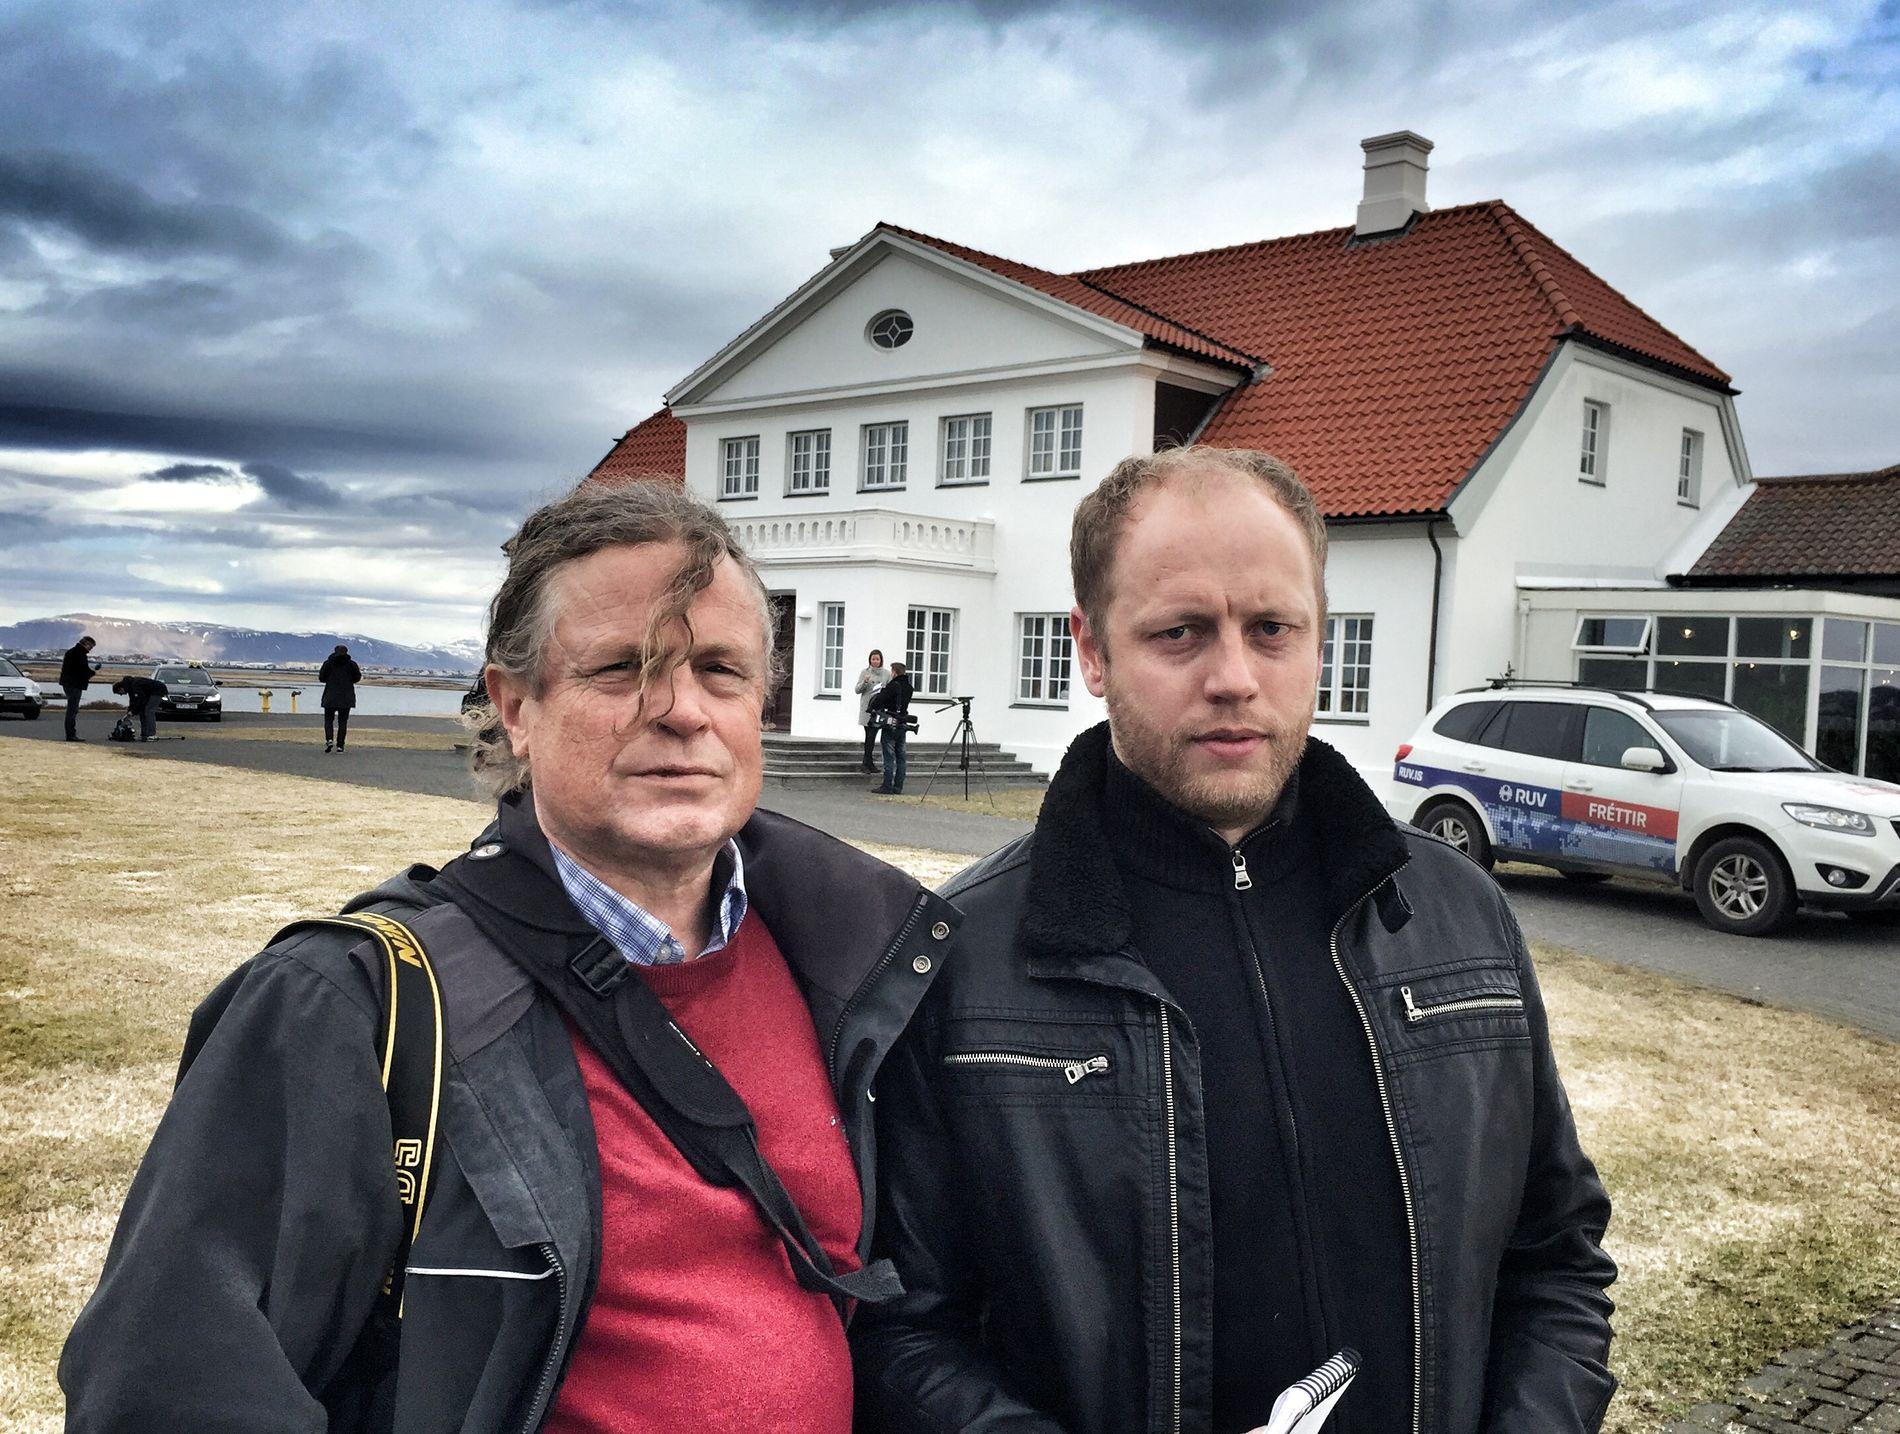 PÅ ISLAND: F.v. Helge Mikalsen og Jostein Matre.